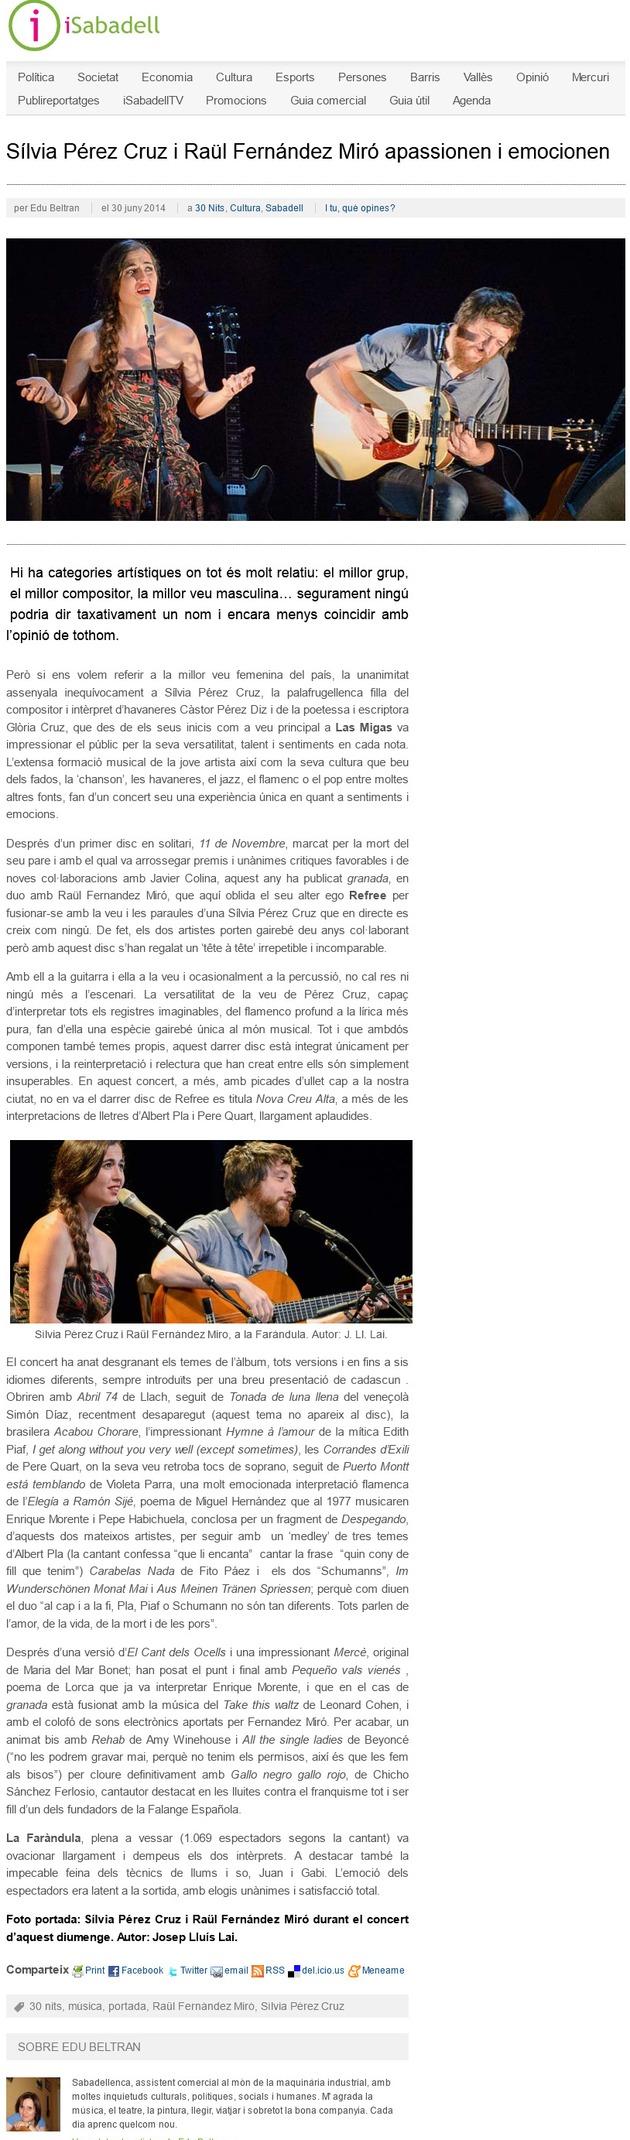 iSabadell: Sílvia Pérez Cruz i Raül Fernandez Miró apassionen